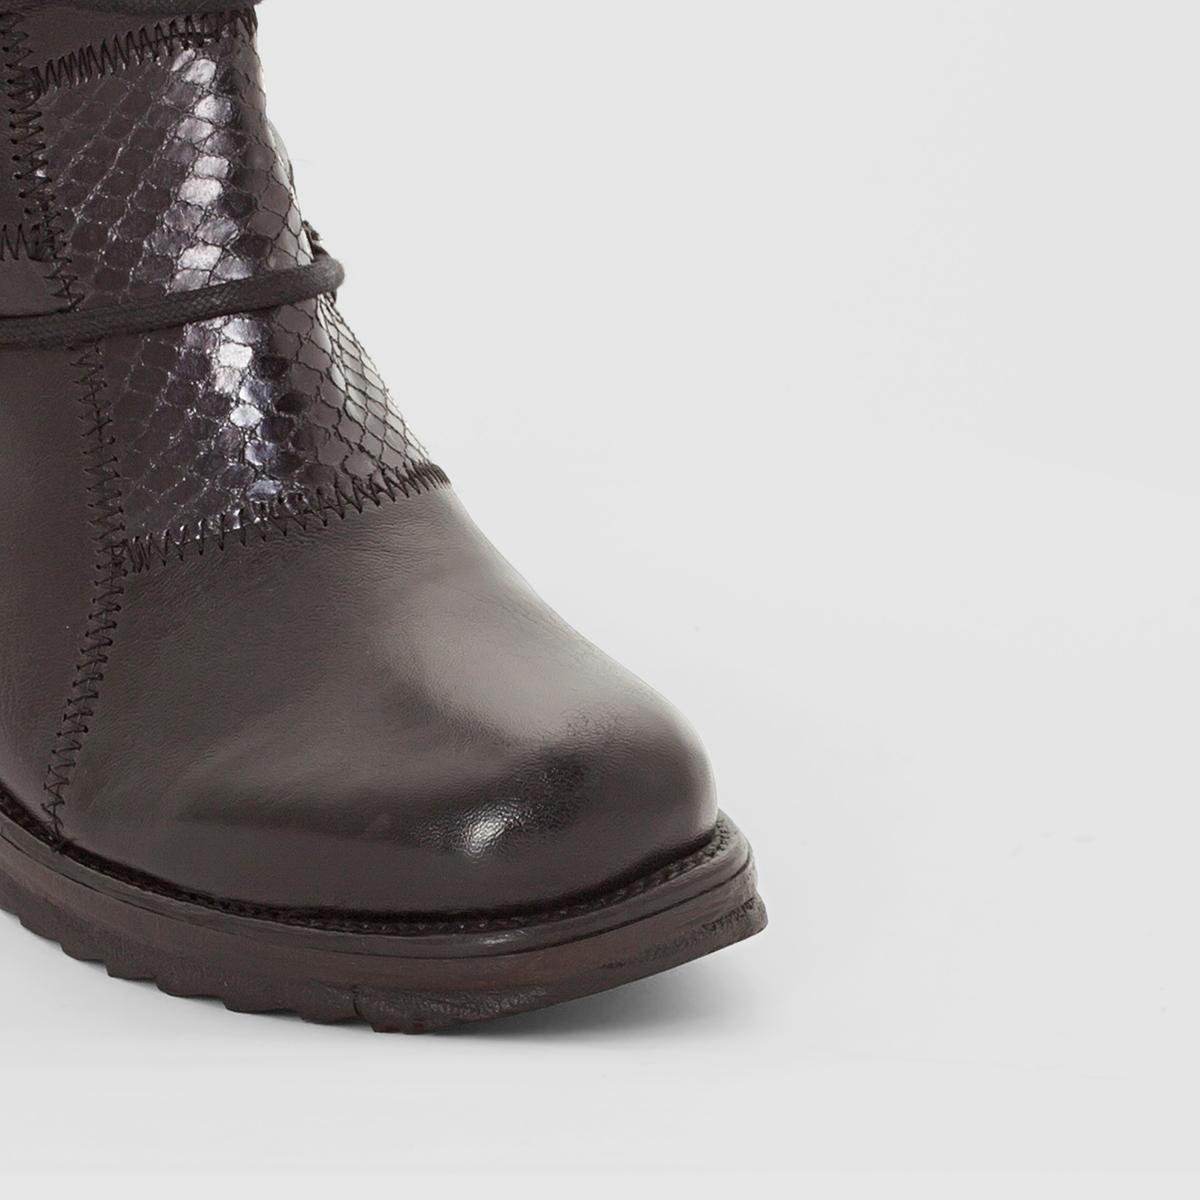 Ботинки, ALMAВерх/Голенище: Яловичная кожа.    Подкладка: Кожа.     Стелька: Кожа.Подошва: Каучук.                        Высота каблука: 3 см. Высота голенища: 16 см. Форма каблука: Широкая.Мысок: Круглый.   Застежка: Шнуровка.<br><br>Цвет: черный<br>Размер: 40